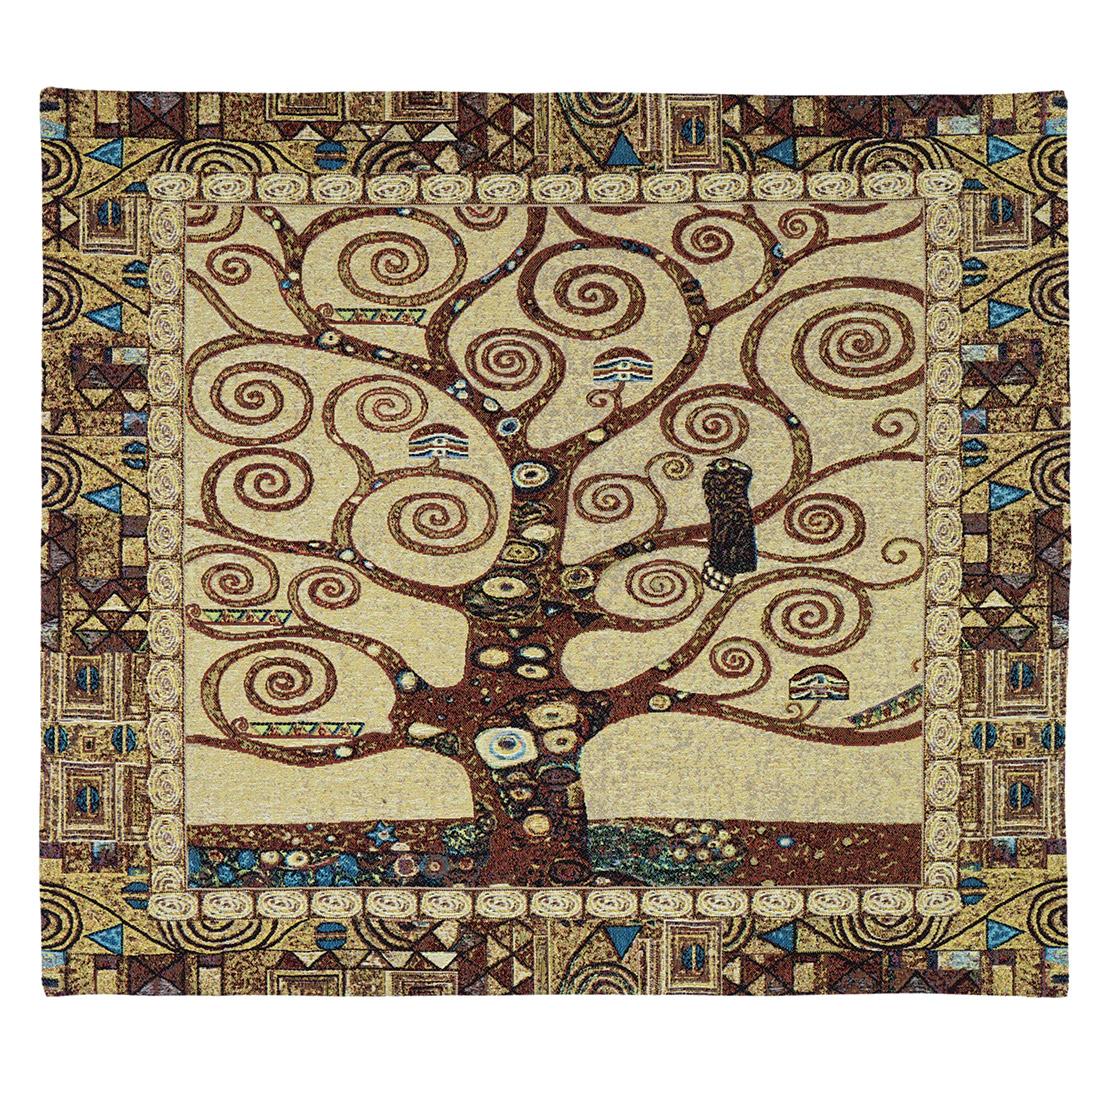 Beletage Marken belgian tapestries wunderschöne Heimtextilien Wandbehänge in hoher Qualität